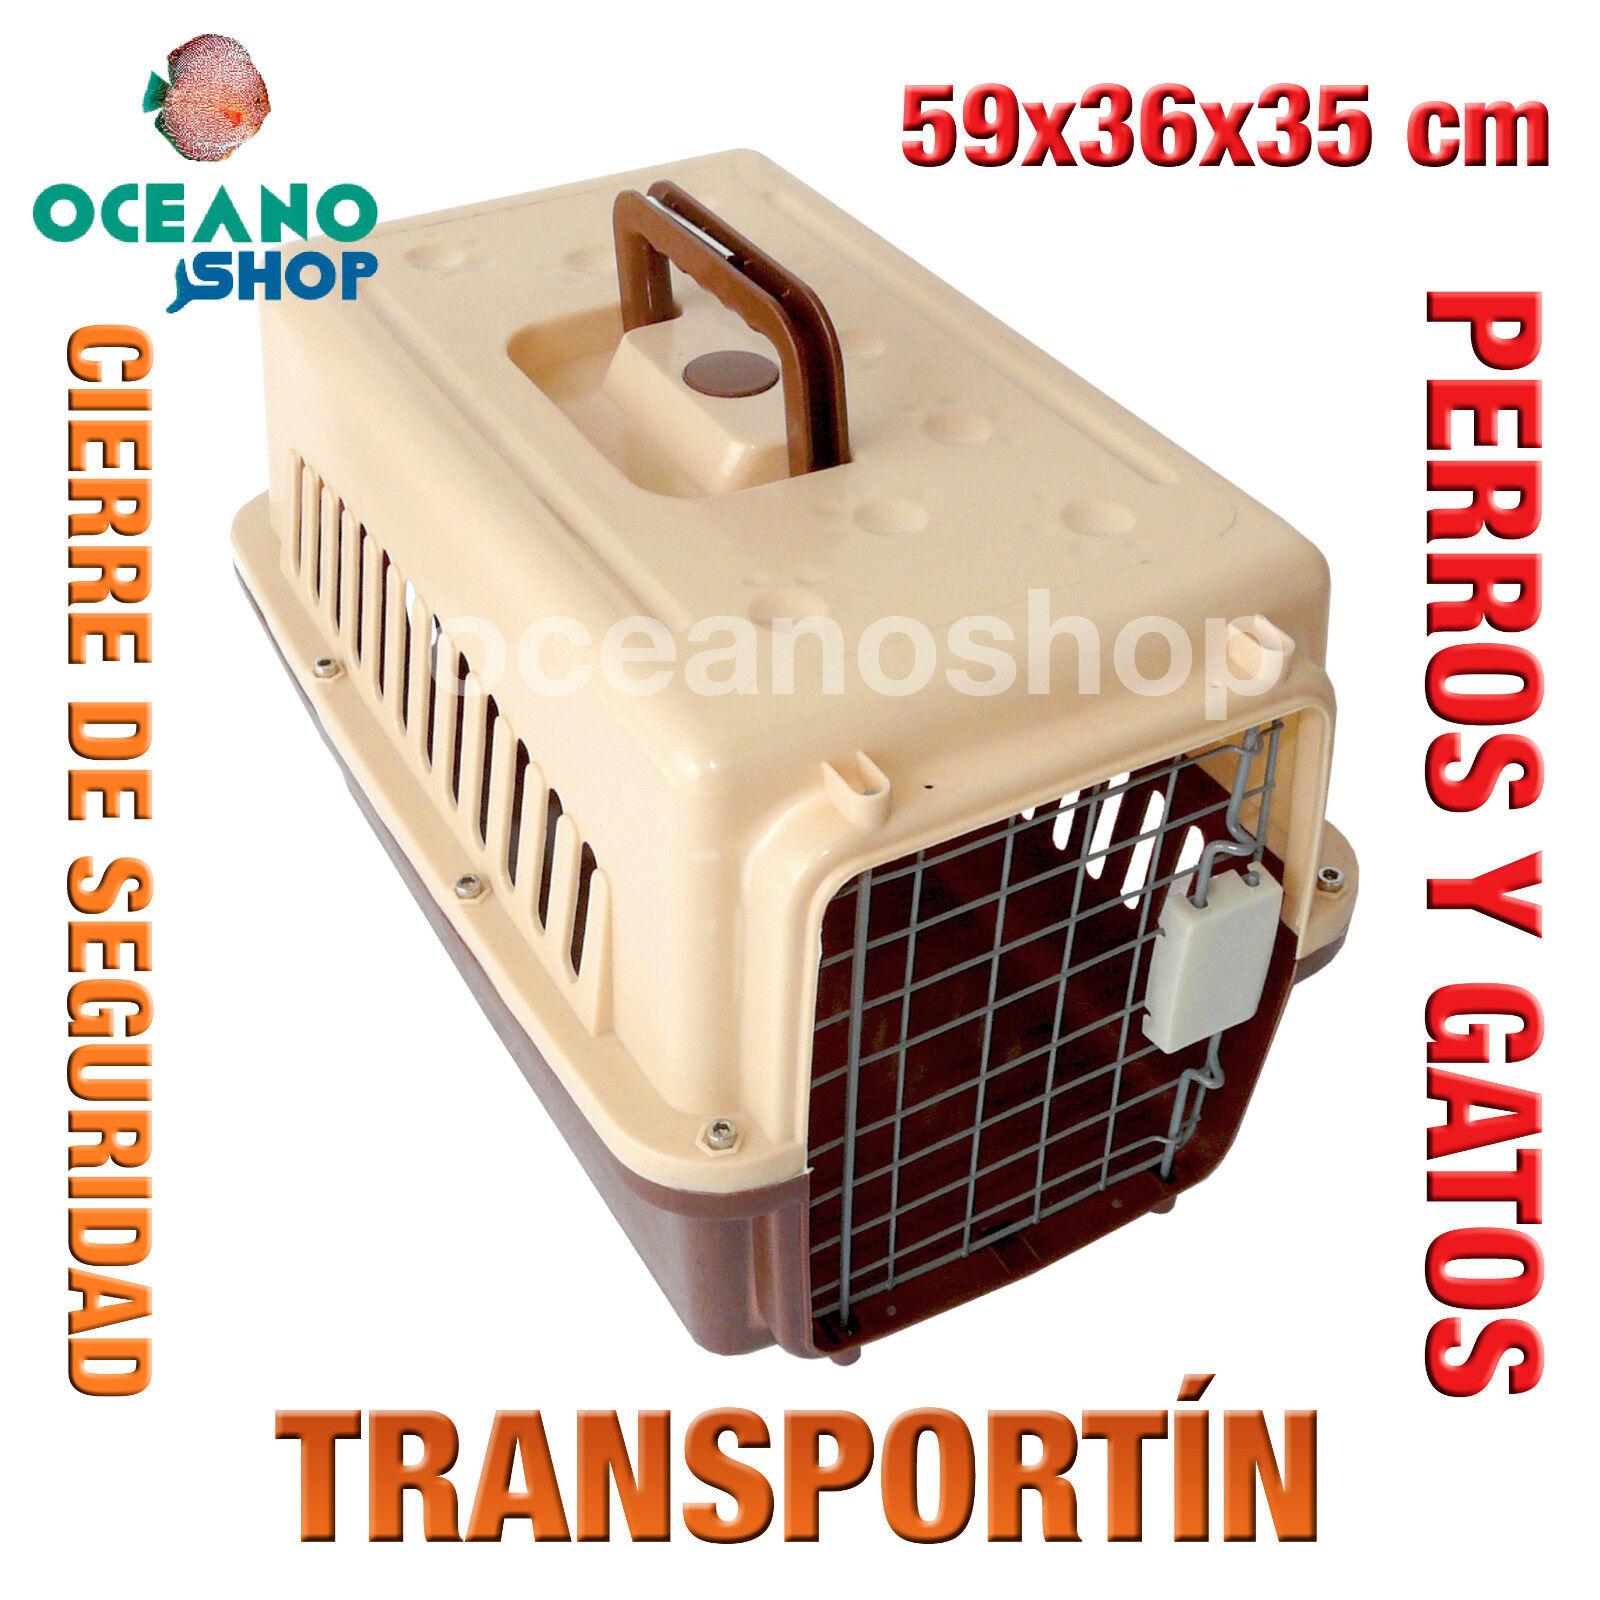 TRANSPORTIN PERRO Y GATO CALIDAD CIERRE DE SEGURIDAD ASA 59x36x35 cm L549...